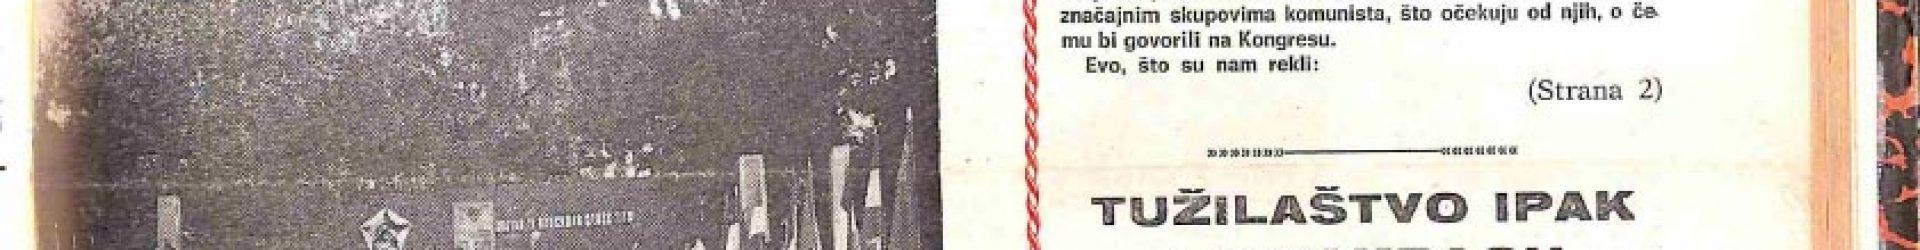 31 ožujka 1978